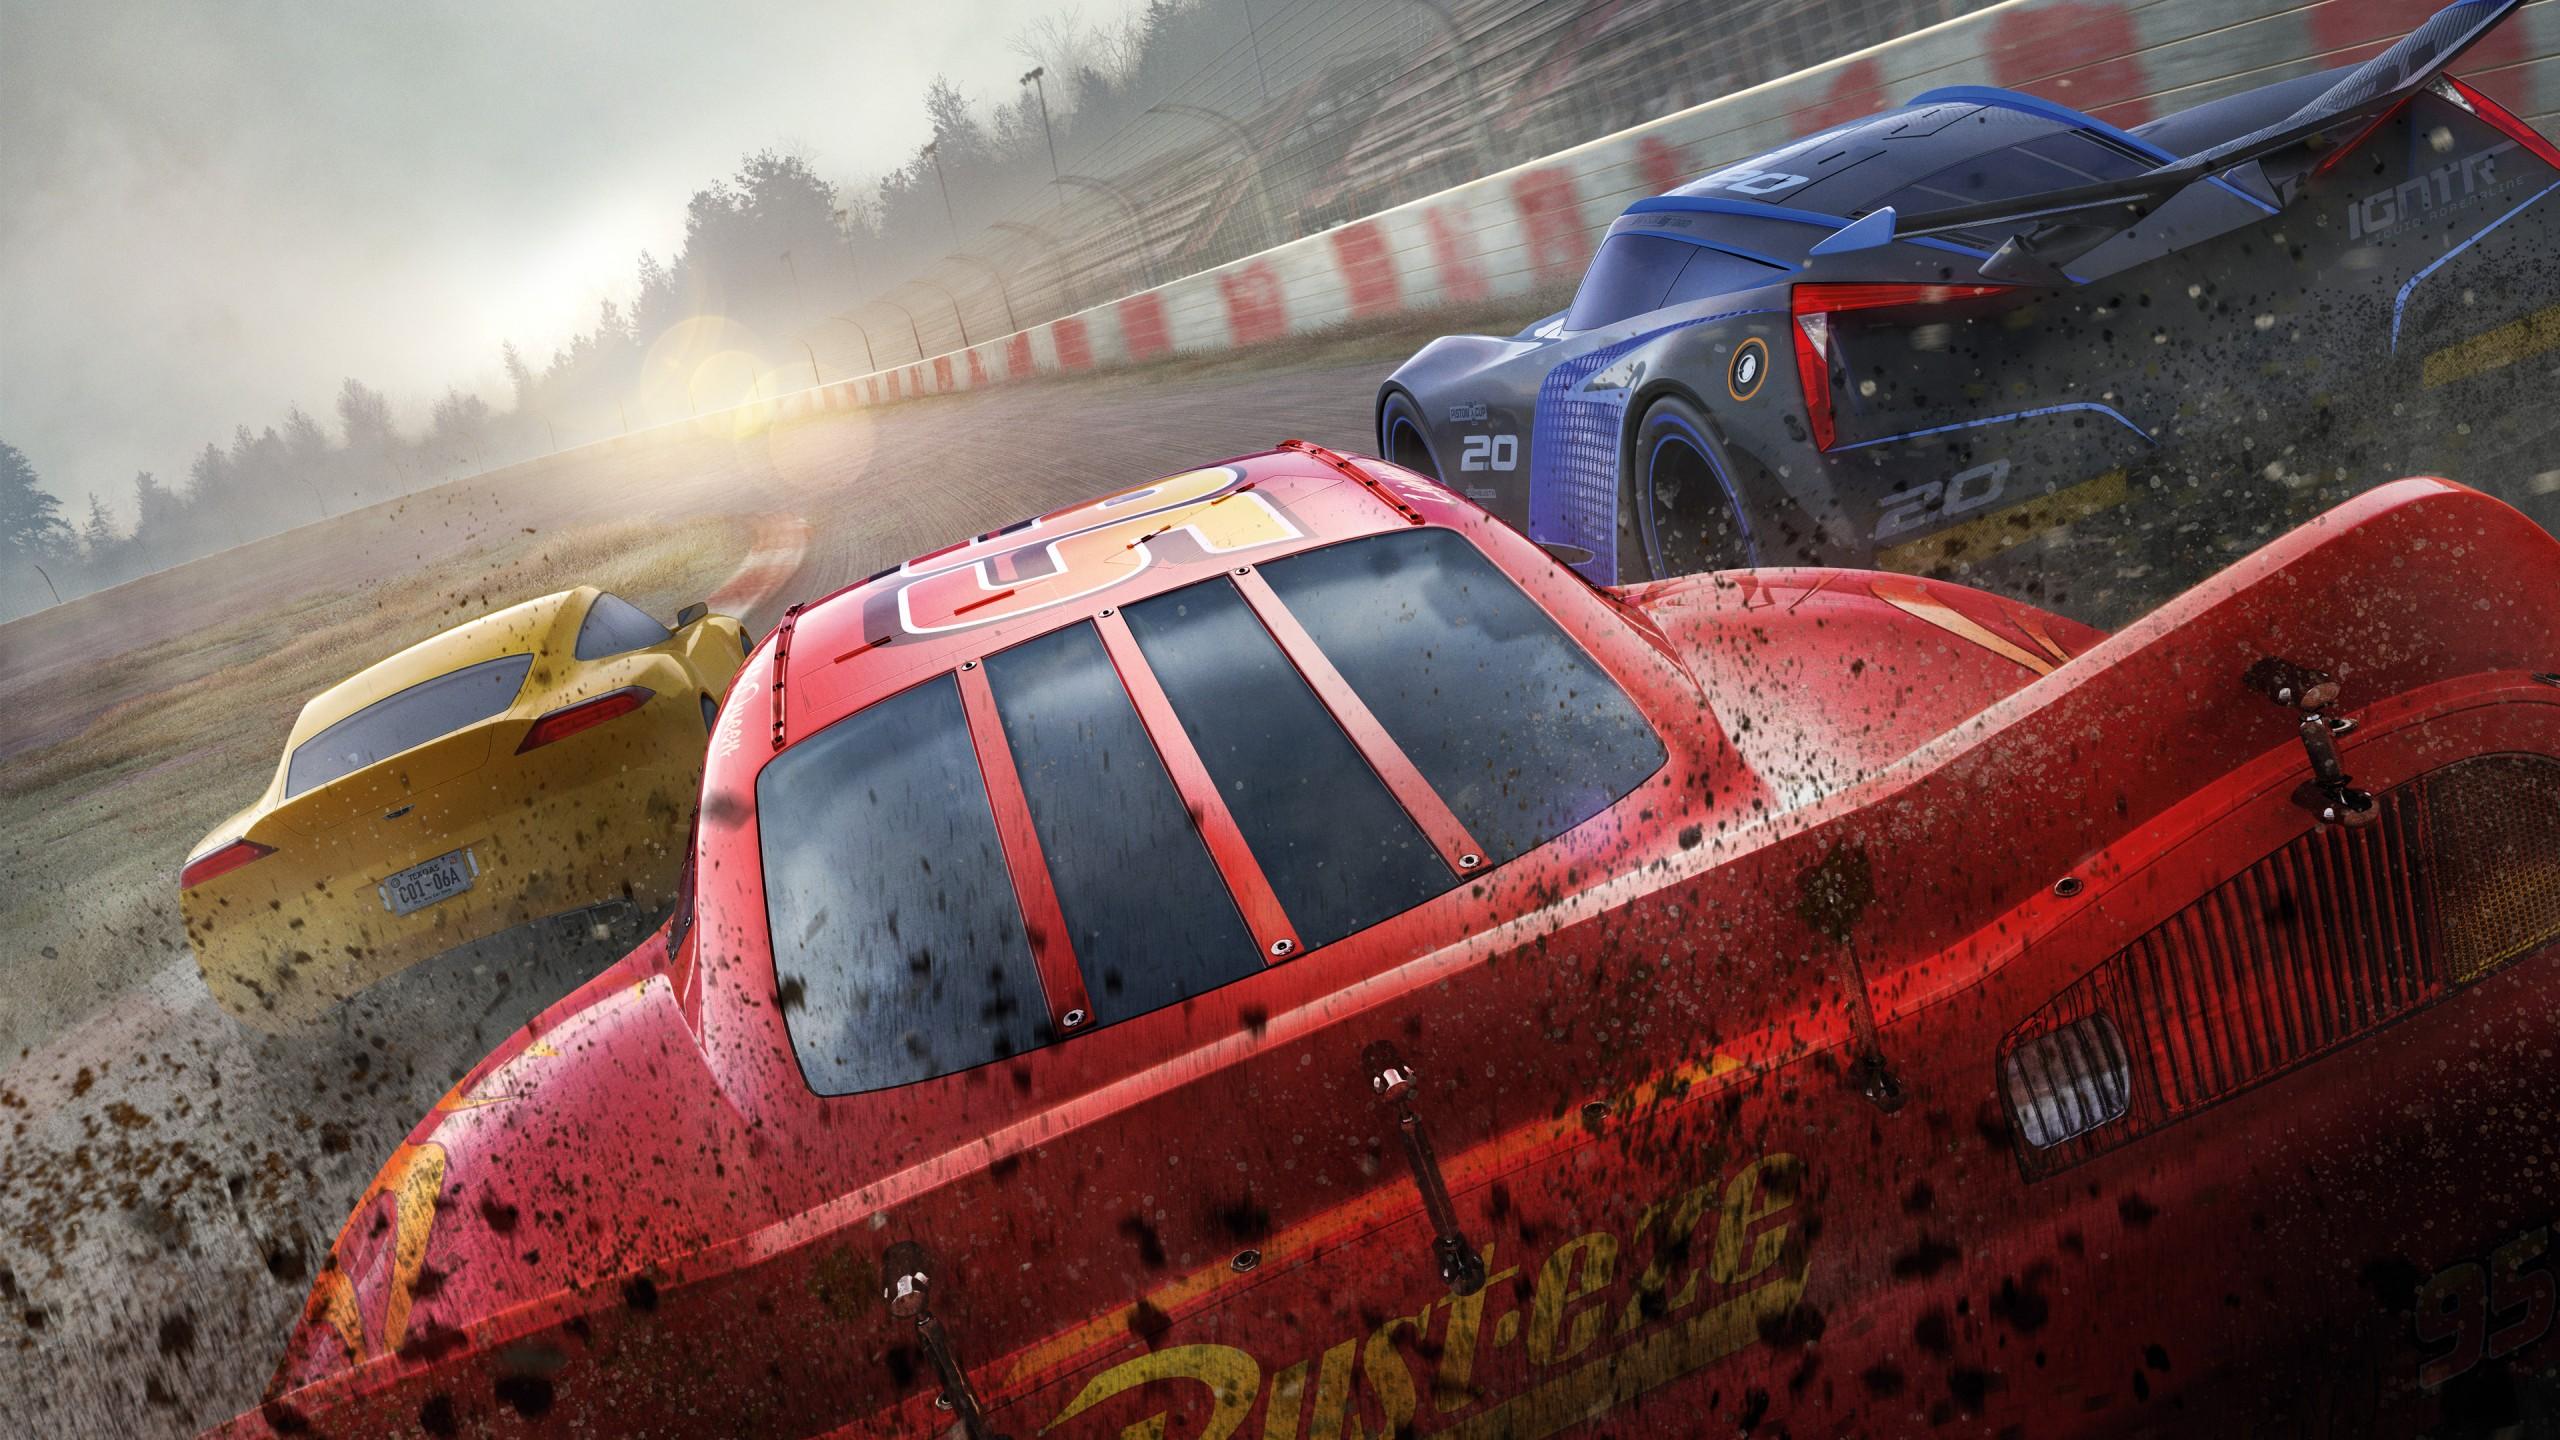 Wallpaper Cars 3, 4k, Lightning McQueen, poster, Movies #14171